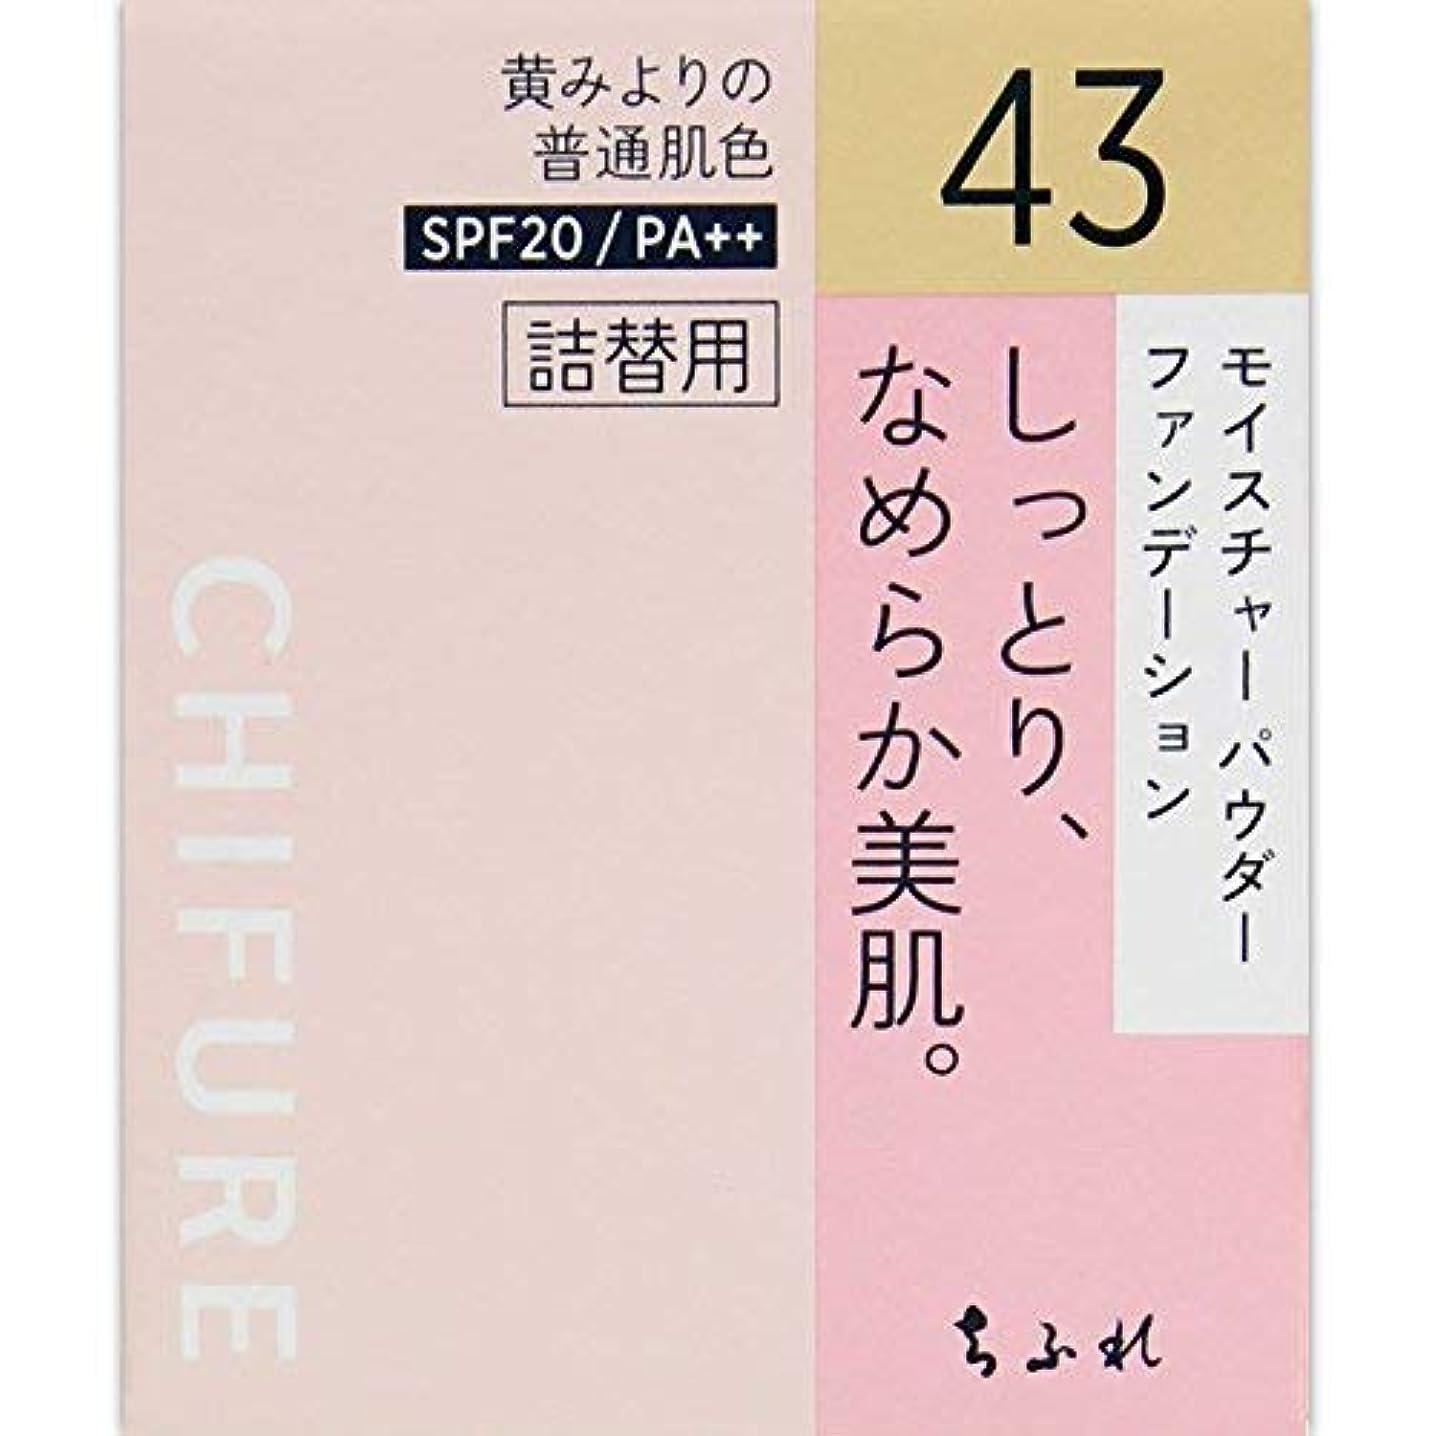 キャップ迷惑ドレインちふれ化粧品 モイスチャー パウダーファンデーション 詰替用 イエローオークル系 43